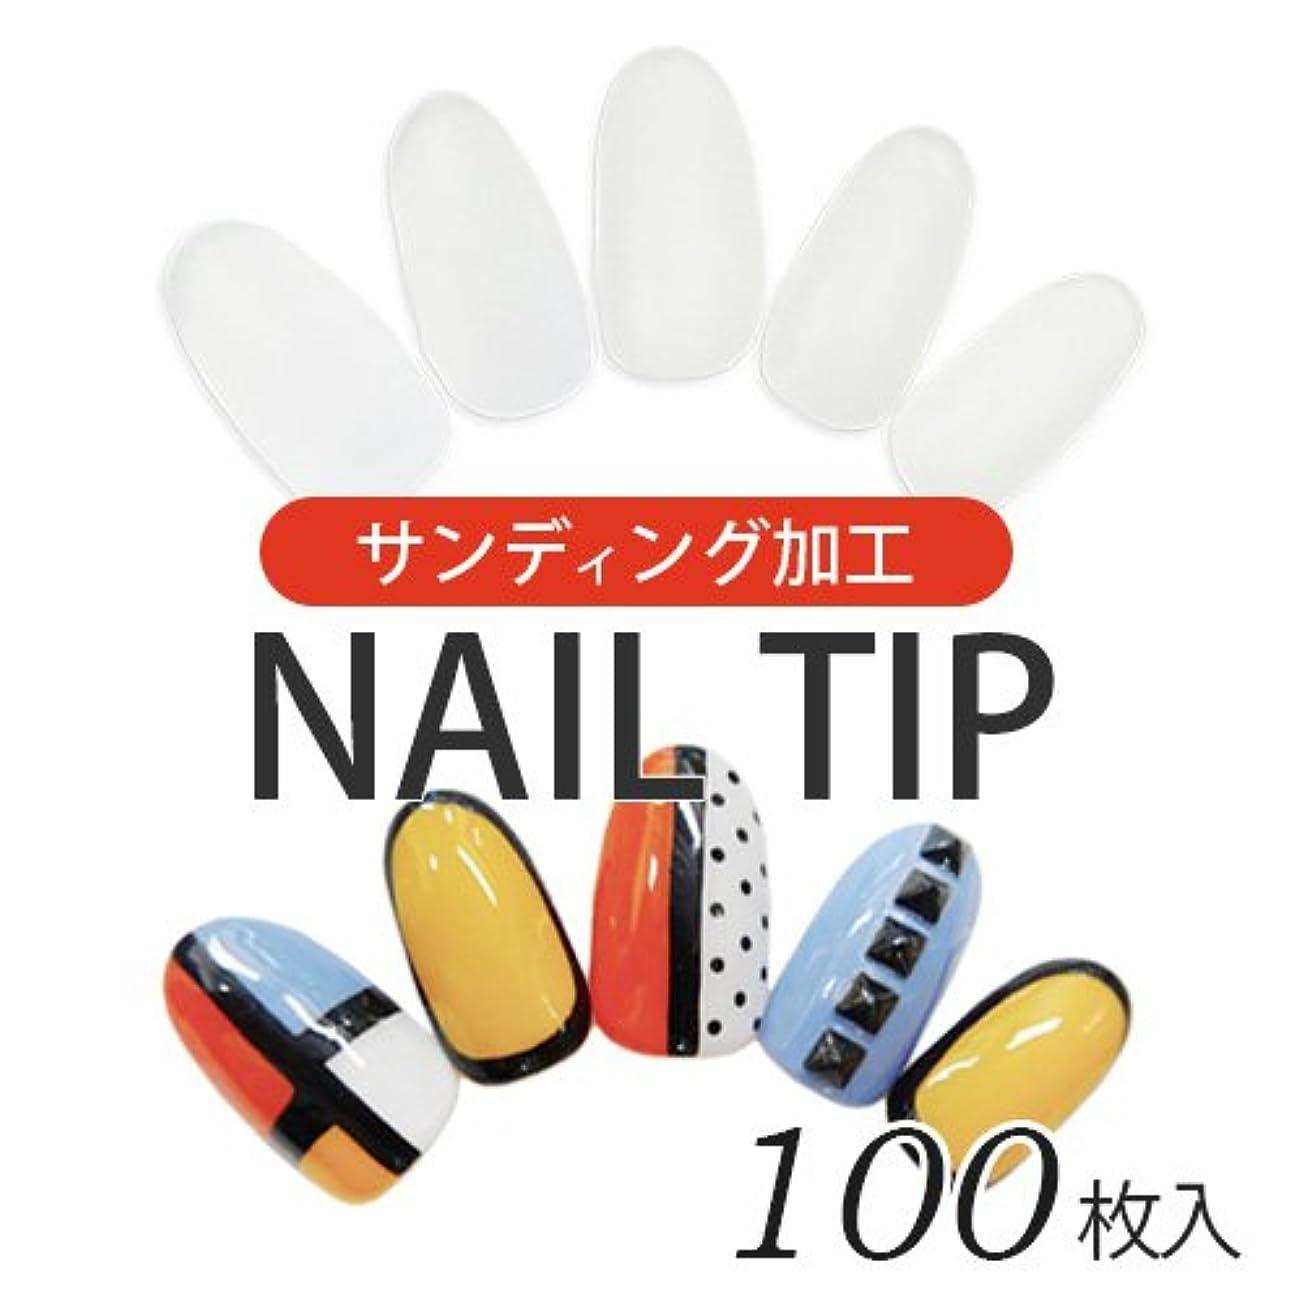 使いやすい少量パックネイルチップ[クリア]少量セット100枚入り(10サイズ?各10枚) サンディング加工済 ジェルネイル ネイルアート